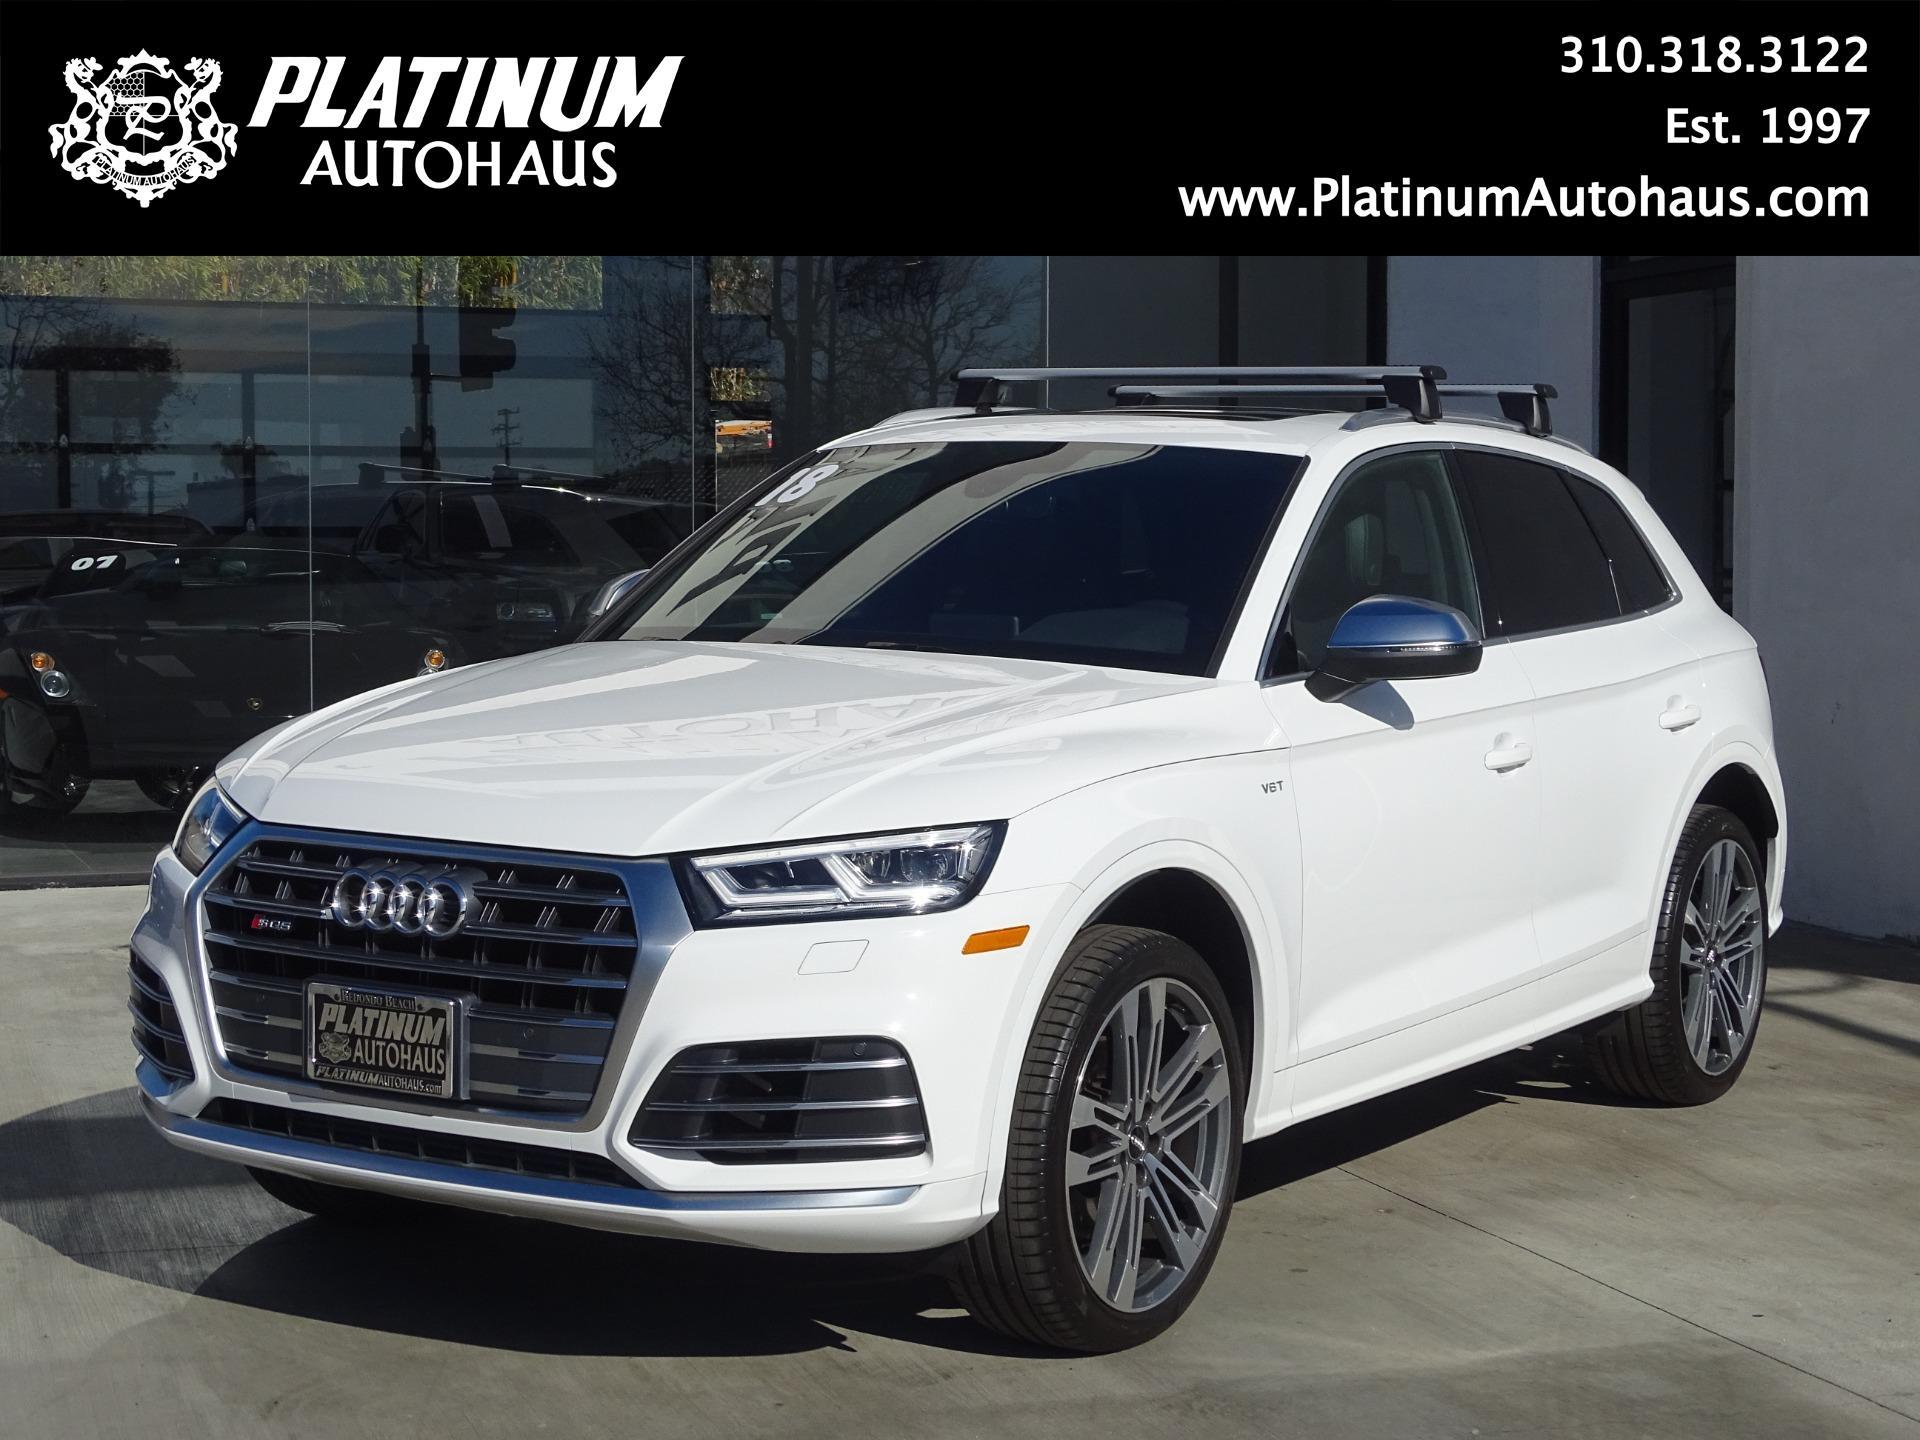 2018 Audi SQ5 3.0T Quattro Premium Plus Stock # 6380 For